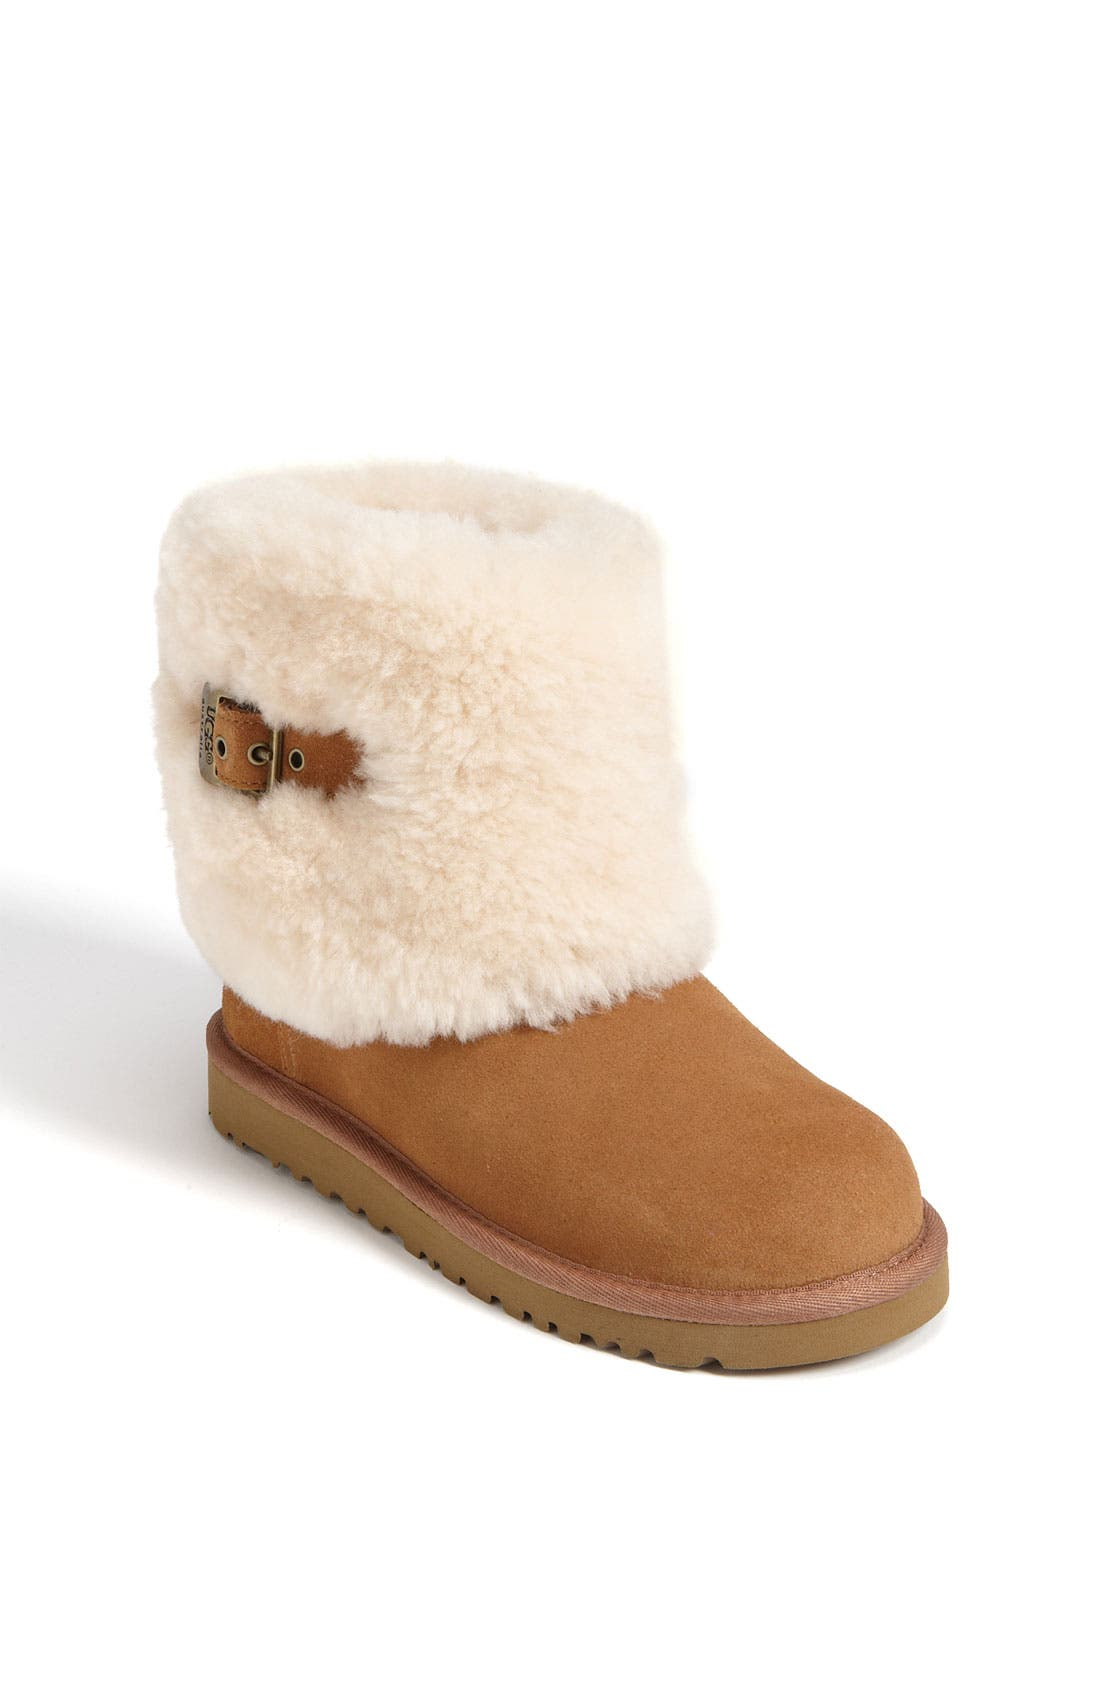 Main Image - UGG® 'Ellee' Boot (Toddler, Little Kid & Big Kid)